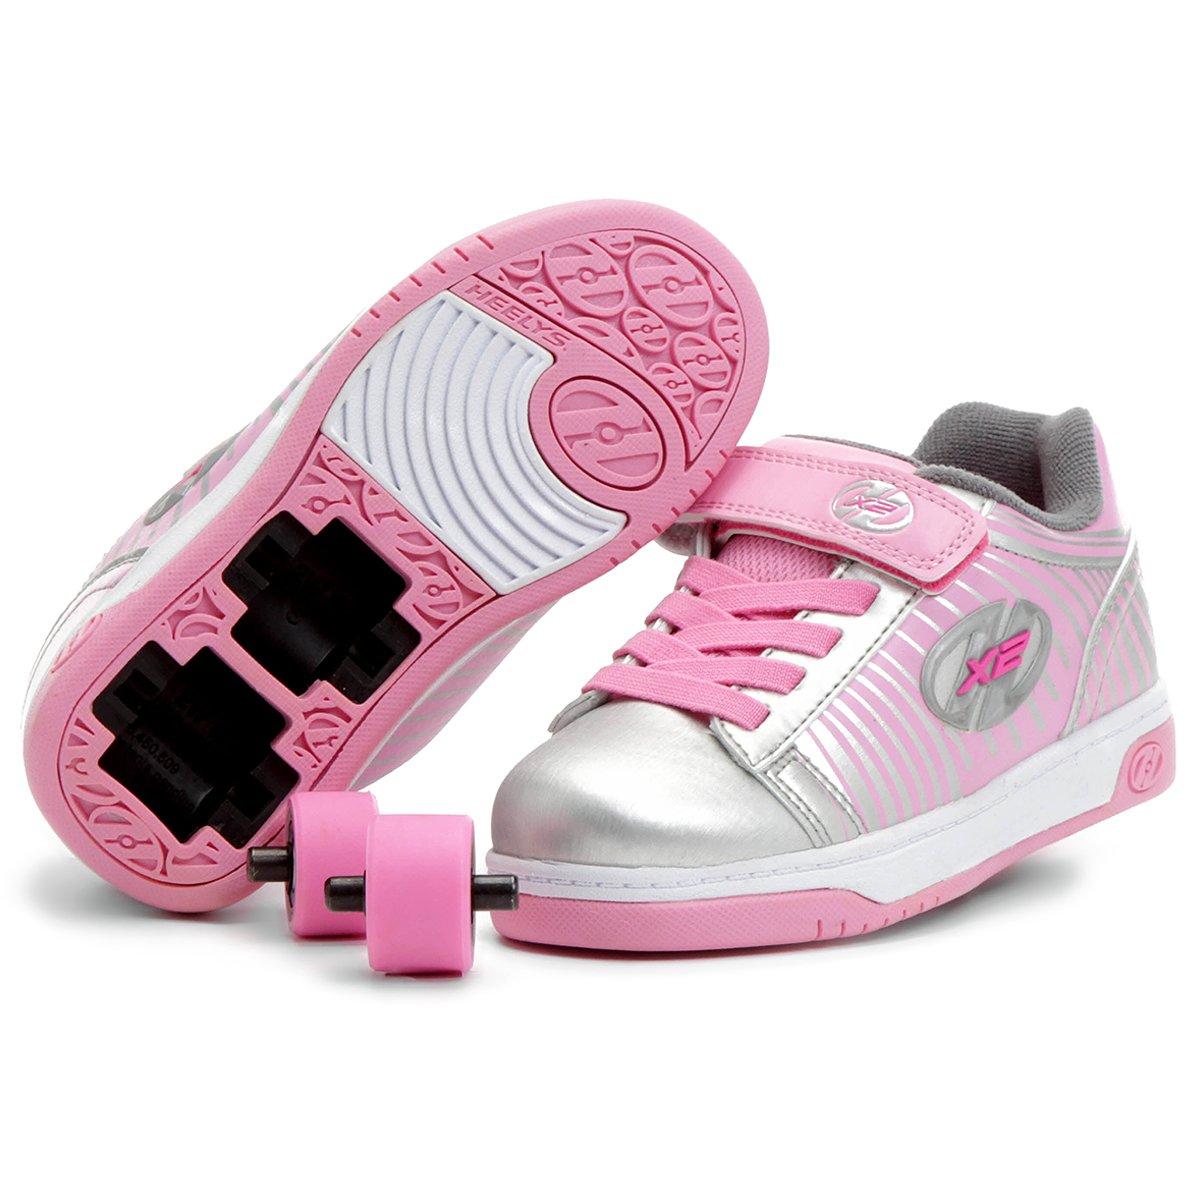 50315a78864 Tênis com Rodinha Heelys Dual Up X2 Infantil - Prata e Rosa - Compre Agora